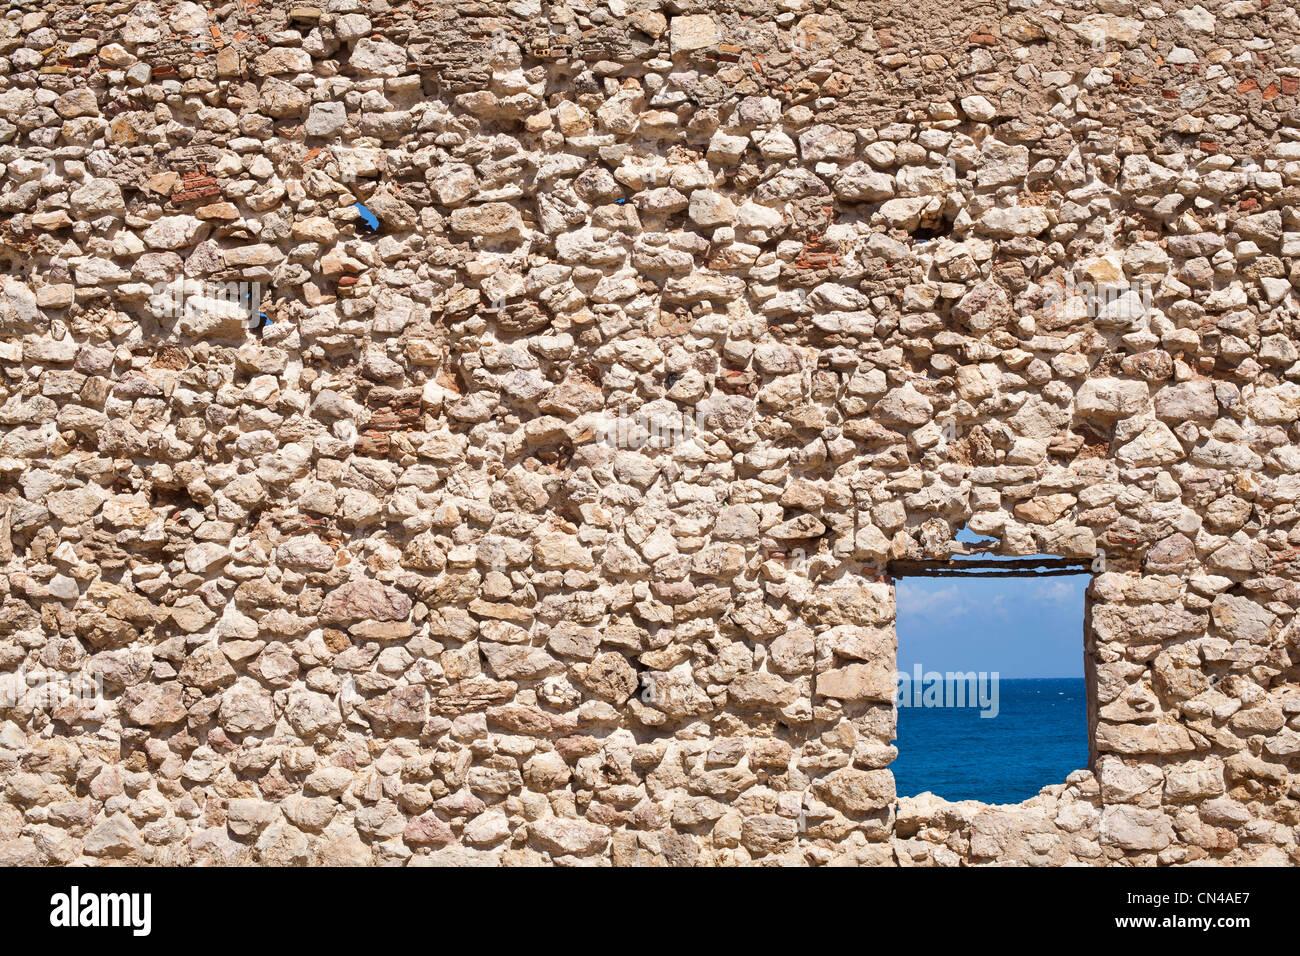 Argelia, Tipaza wilaya, Kouali Cove, la ruina de una casa con vistas al mar Mediterráneo Imagen De Stock